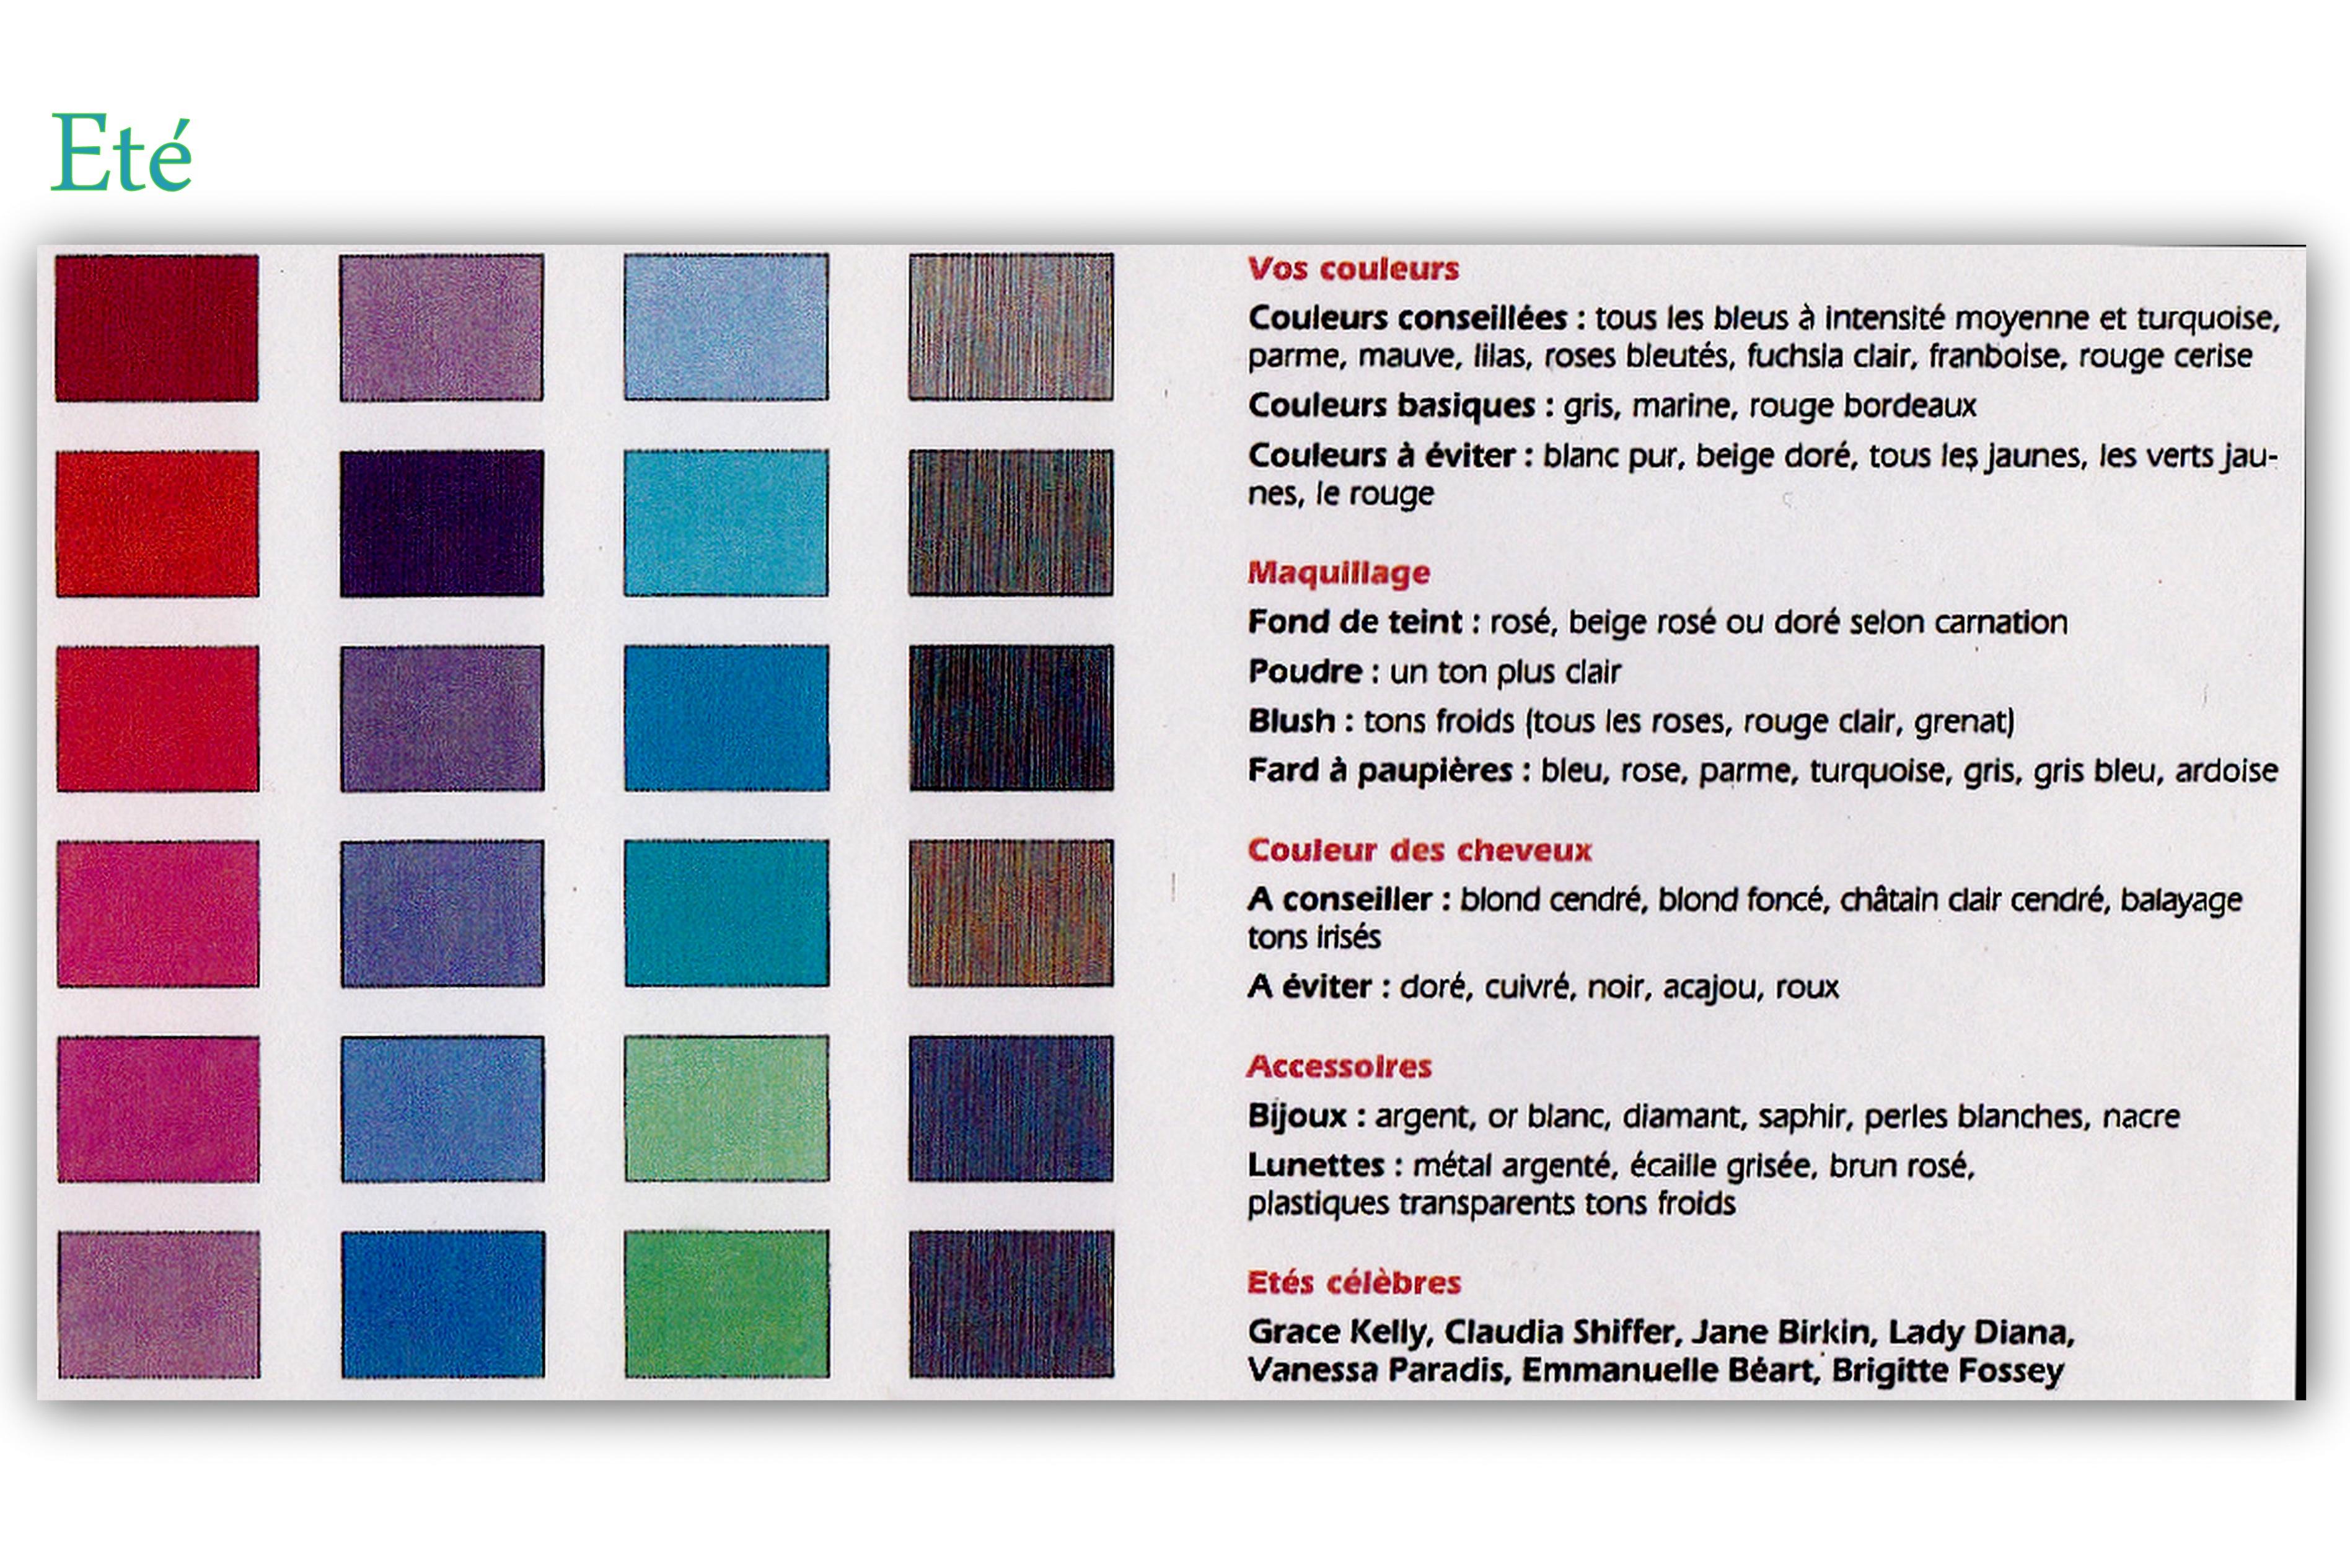 Léloignement des taches de pigment kosmetologitcheski